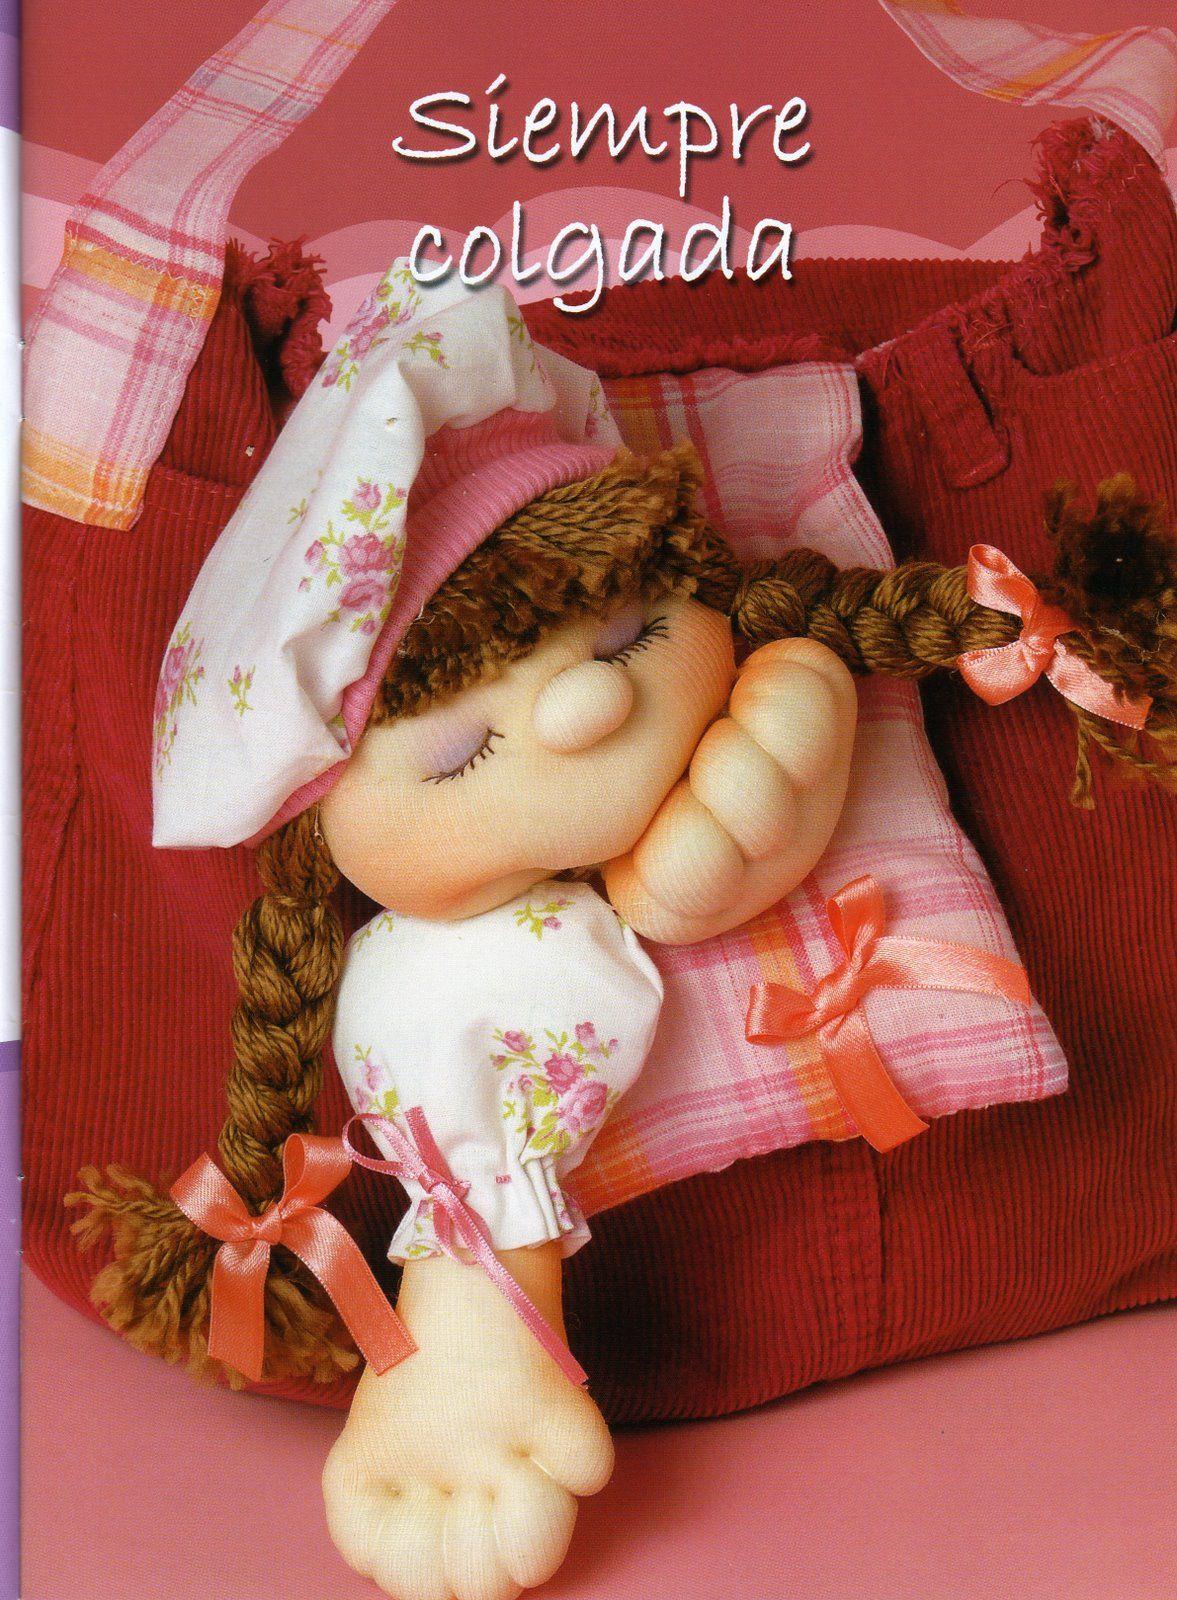 MUÑECAS: 6 modelos de muñecas diferentes para decorar y regalar ...